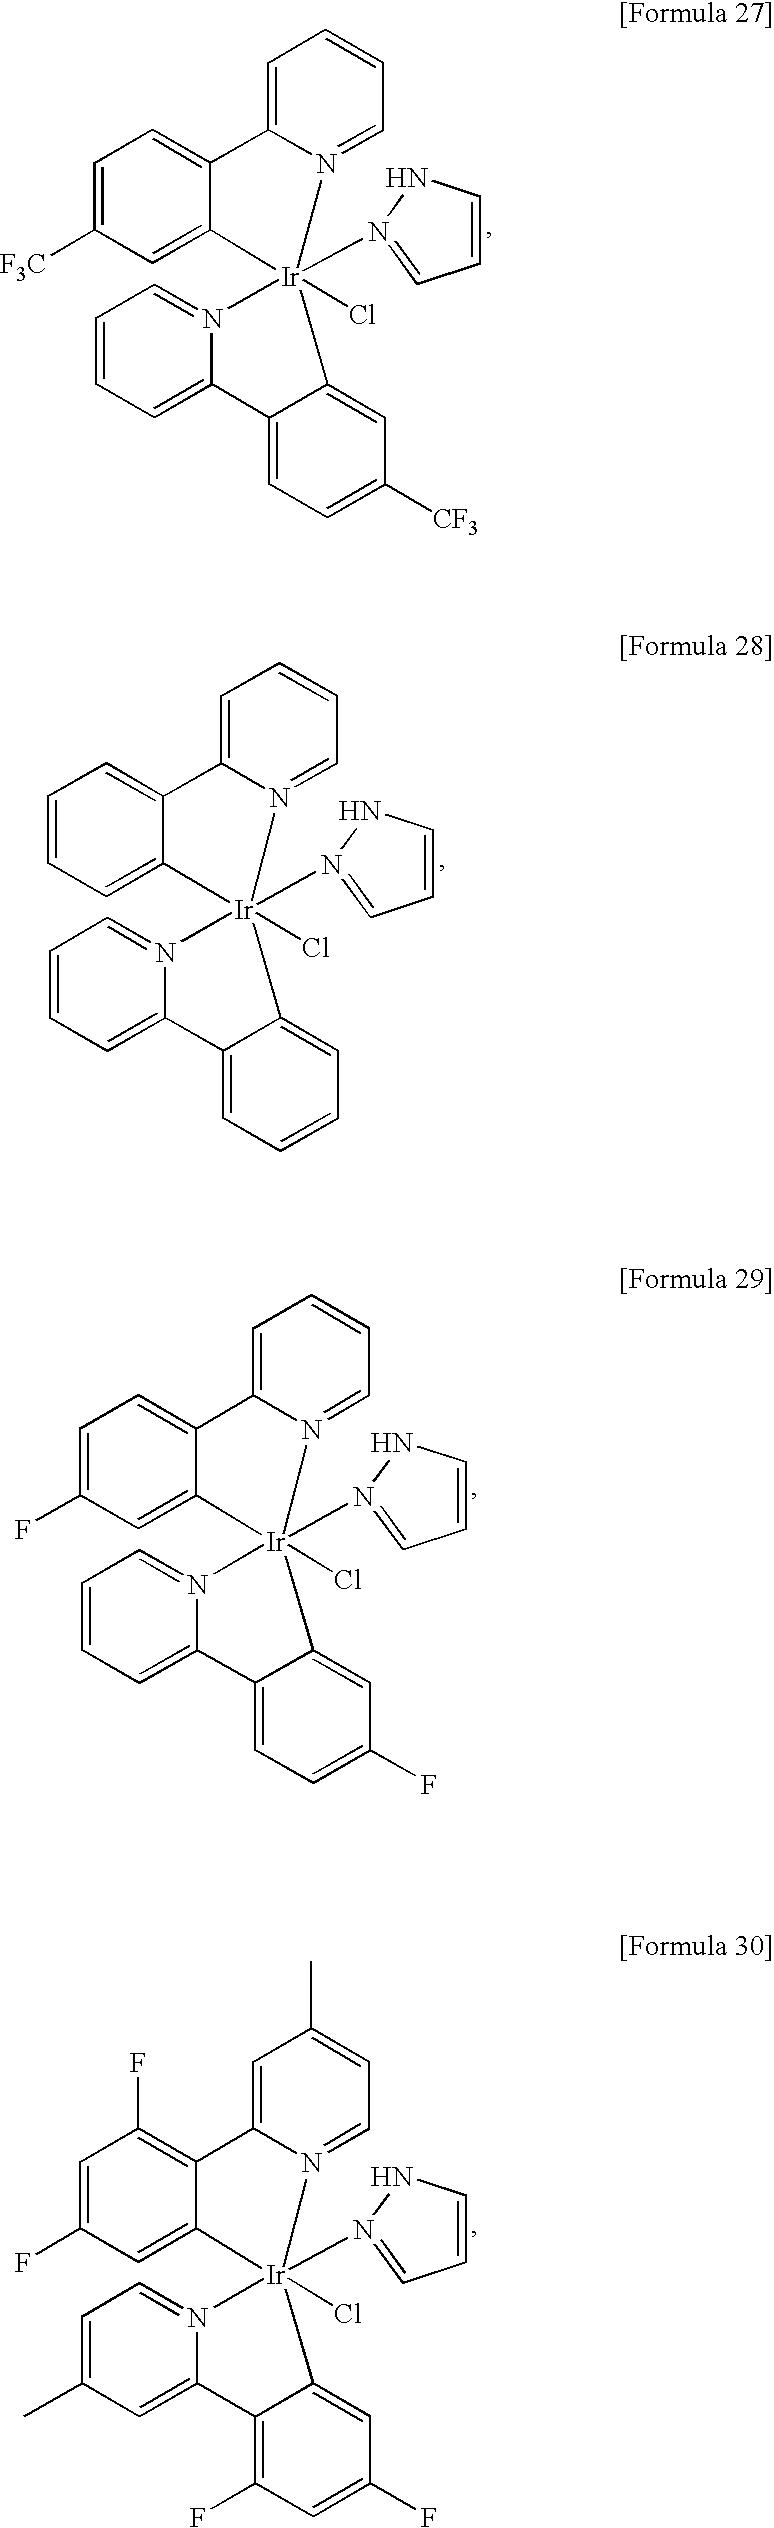 Figure US20050112406A1-20050526-C00073